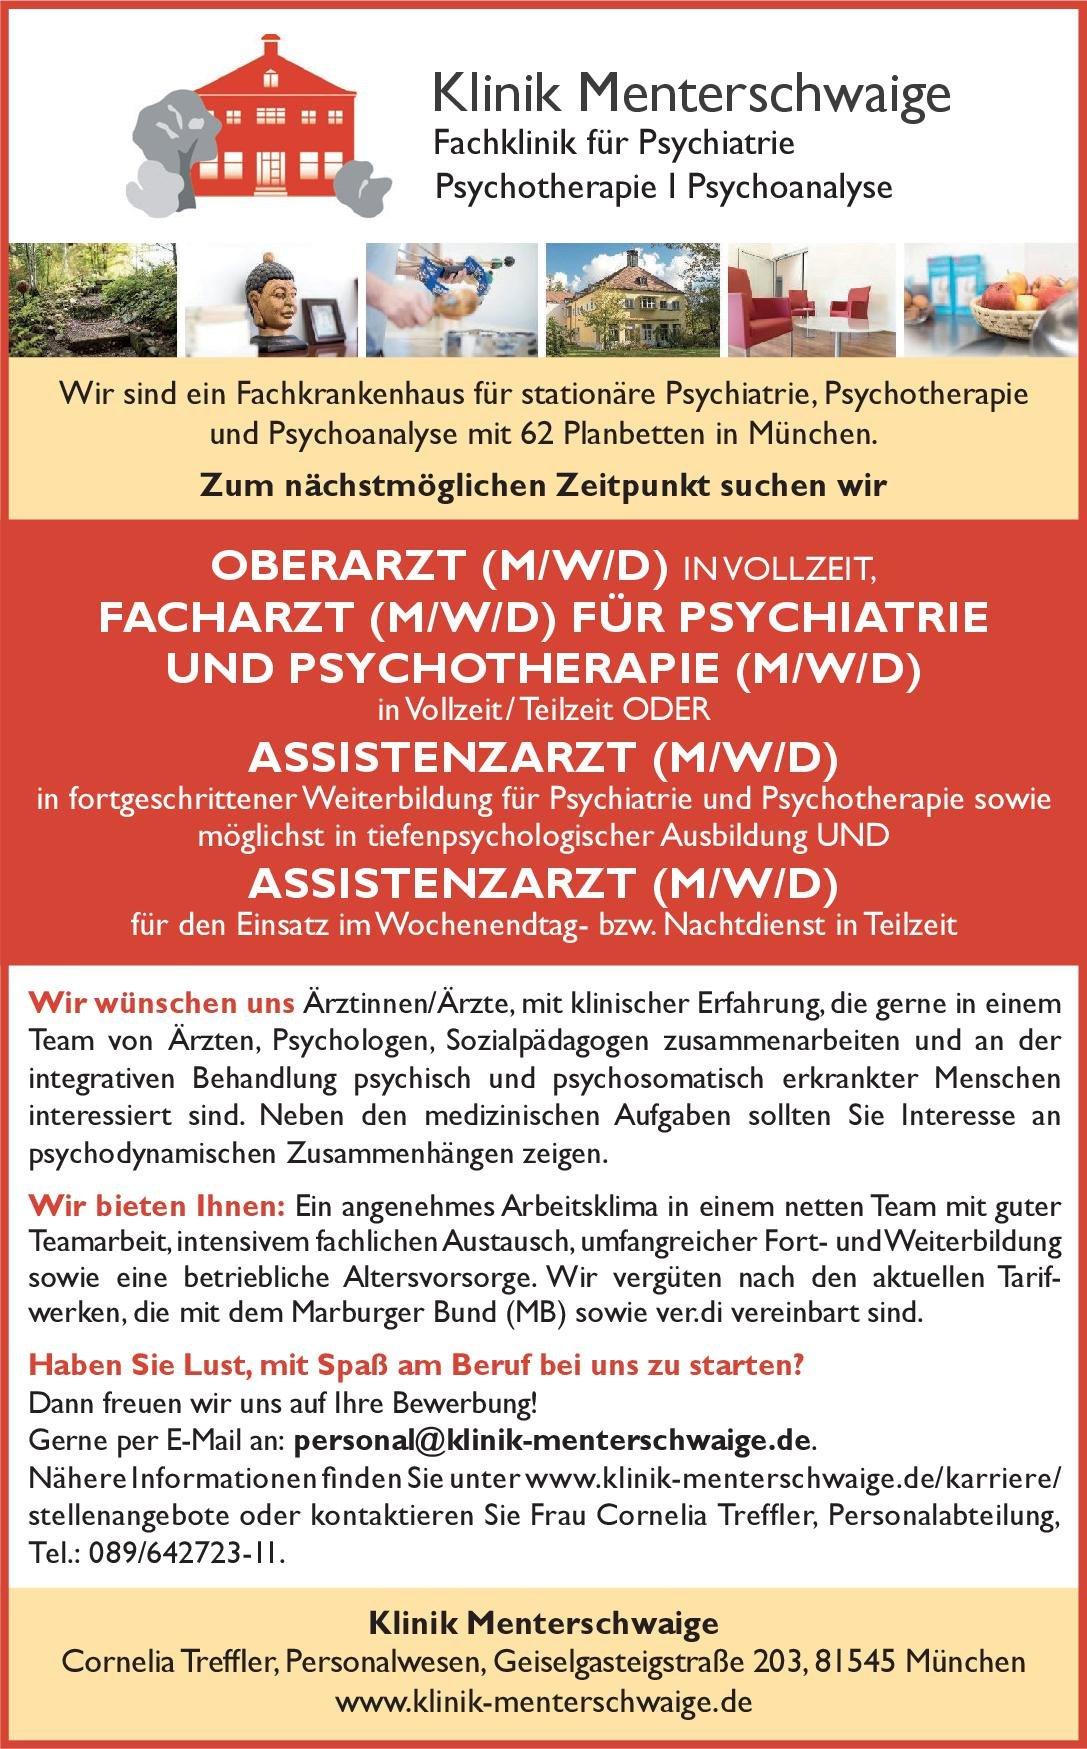 Klinik Menterschwaige Facharzt (m/w/d) für Psychiatrie und Psychotherapie (m/w/d)  Psychiatrie und Psychotherapie, Psychiatrie und Psychotherapie Arzt / Facharzt